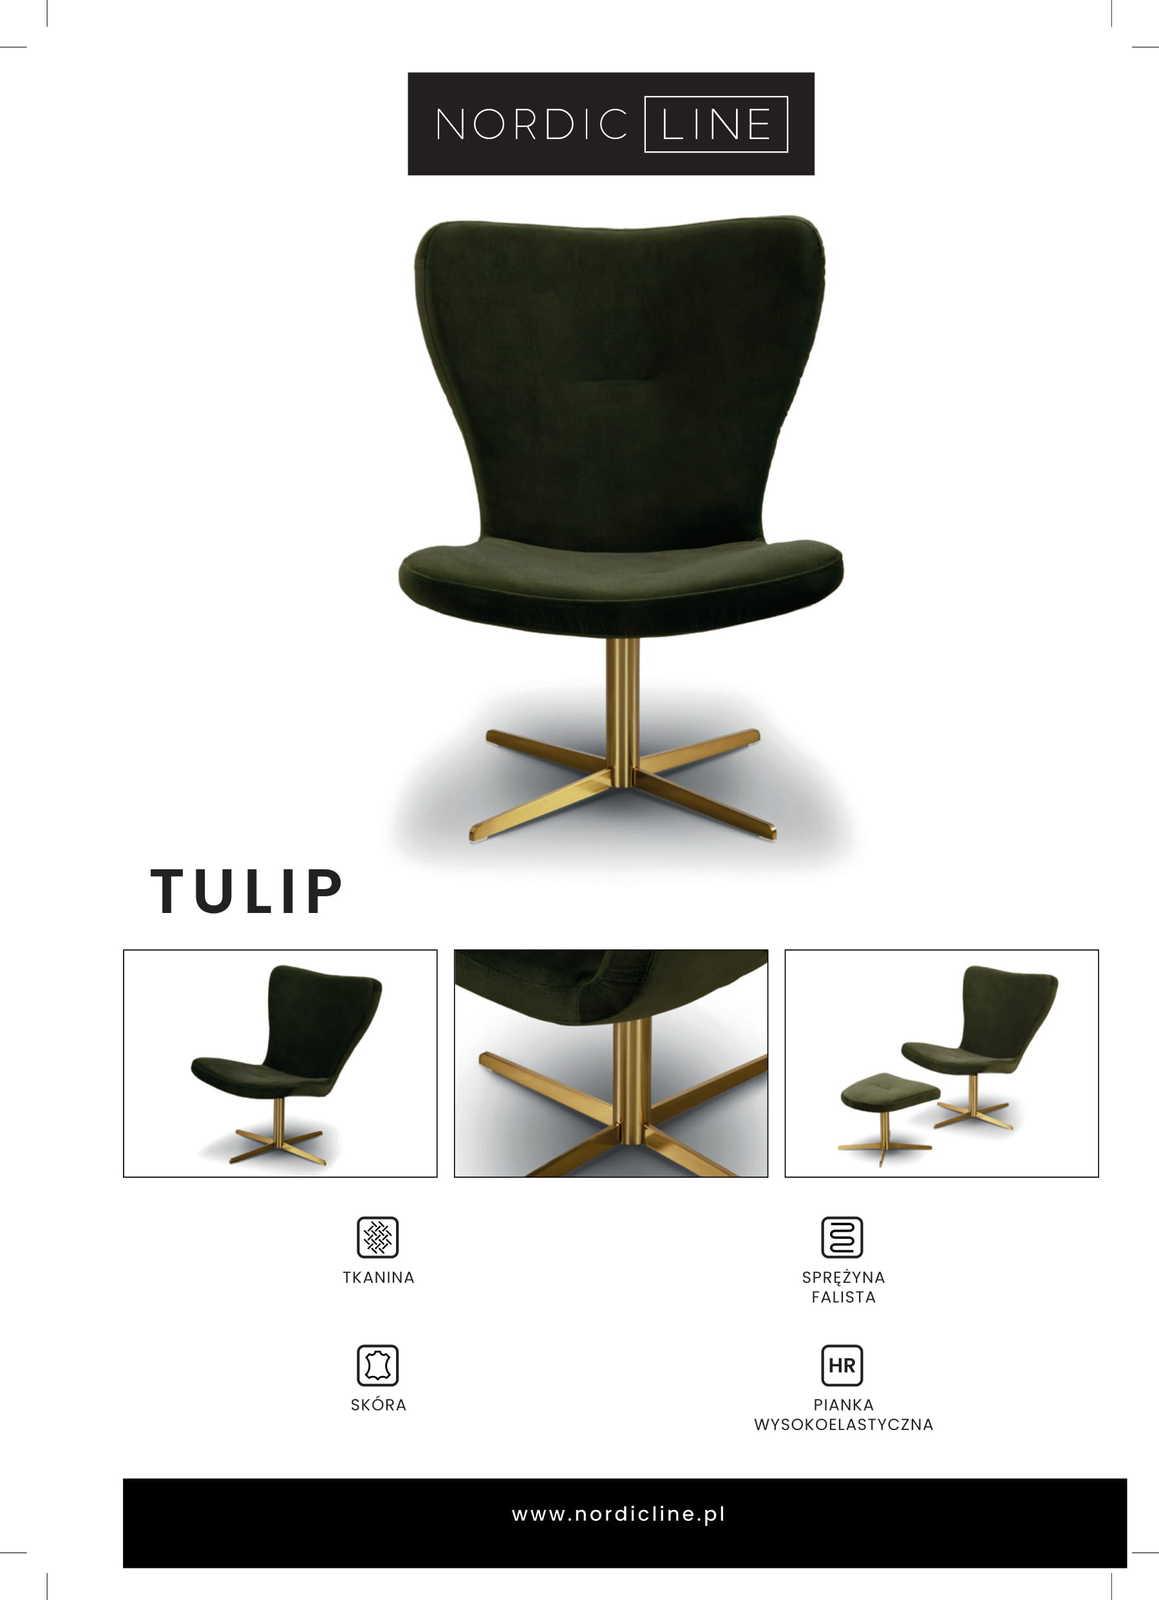 Tulip(krzywe) 1